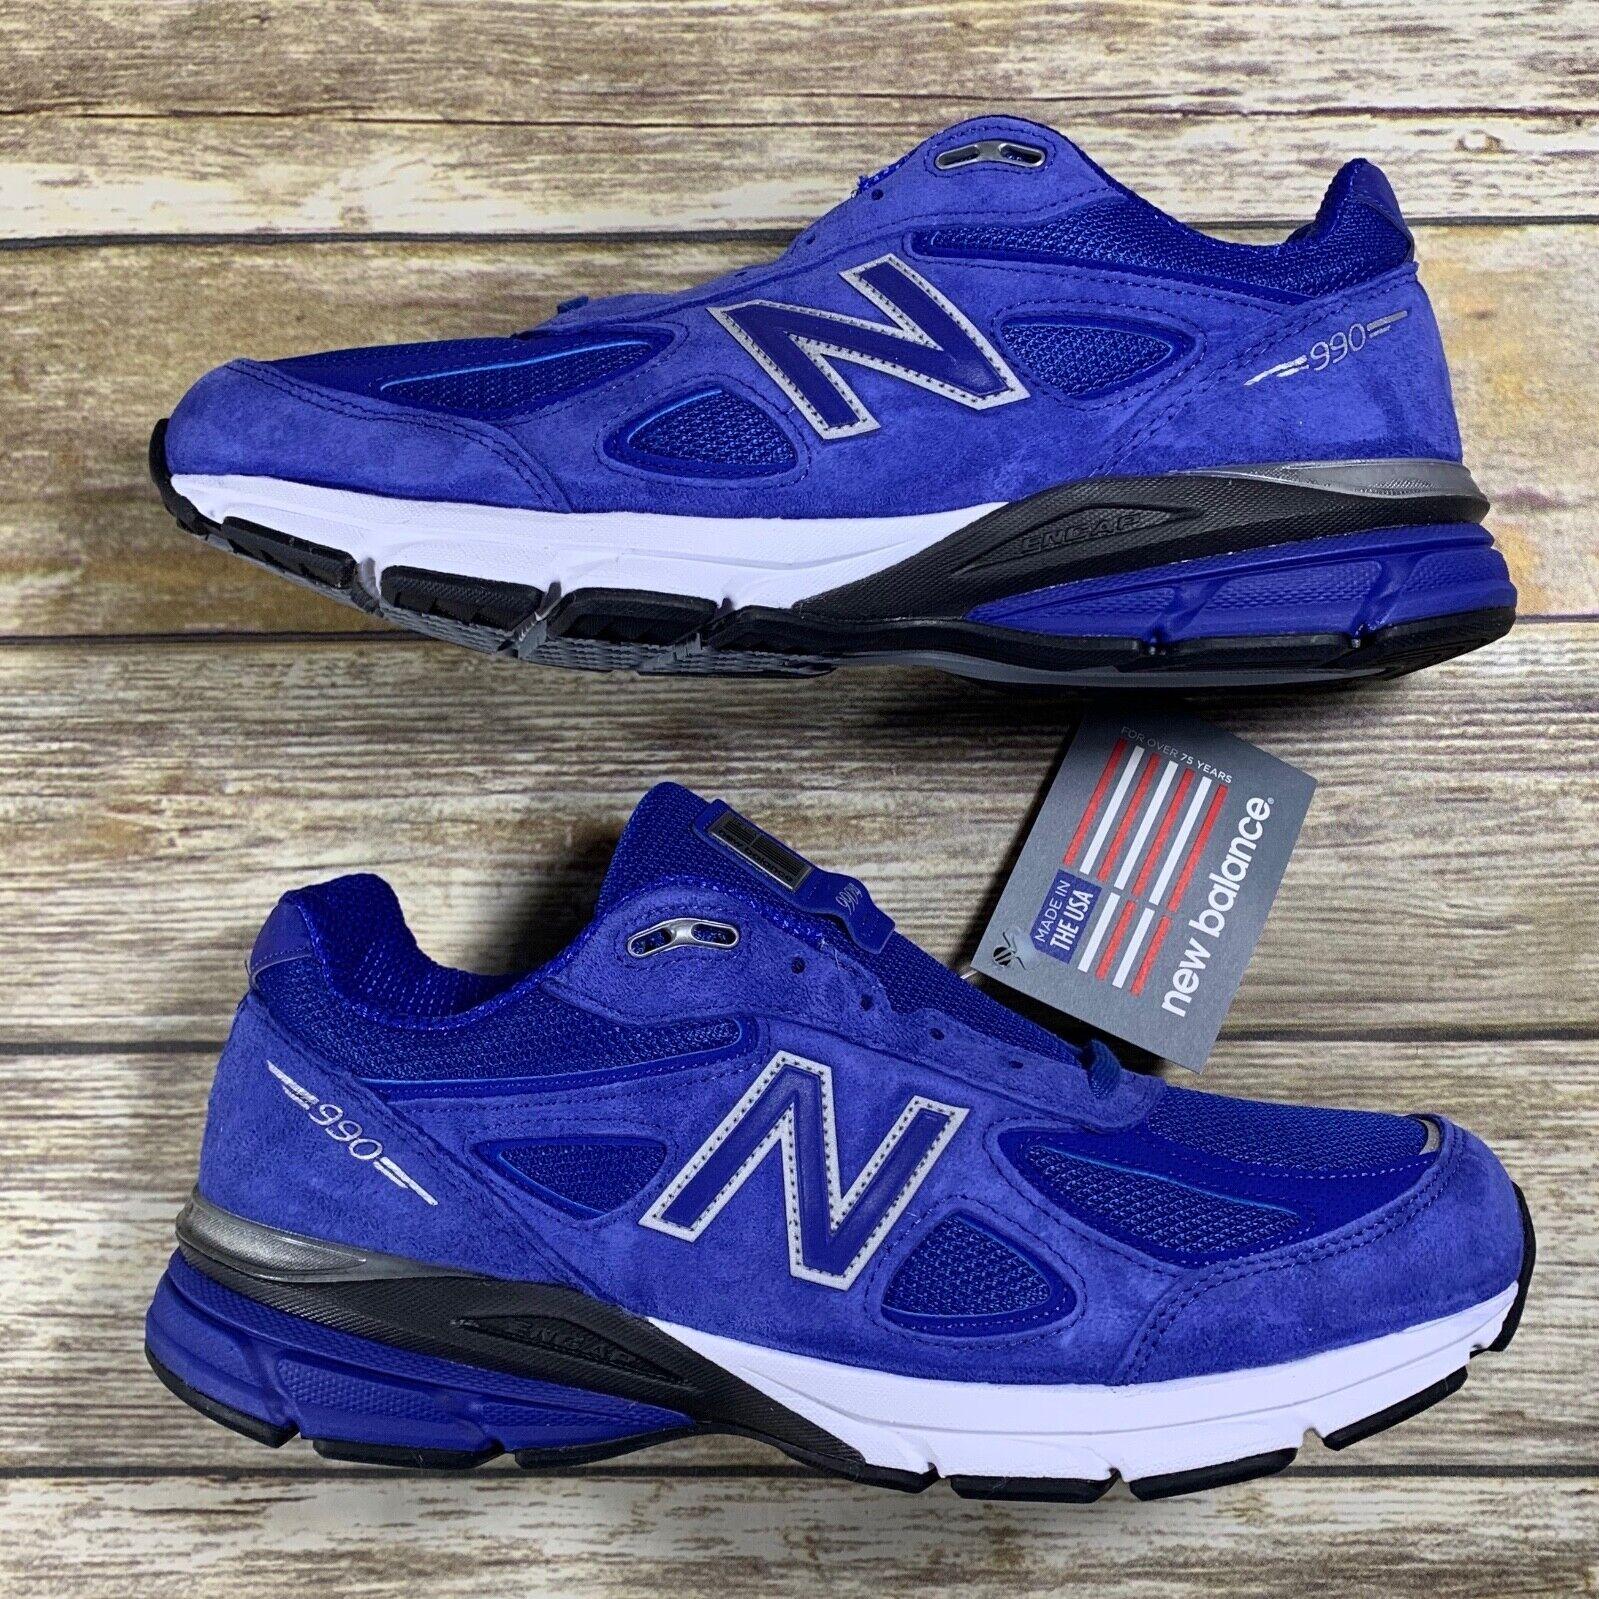 nouveau   Hommes 990 Chaussures De Course UV bleu argent-M990RY4